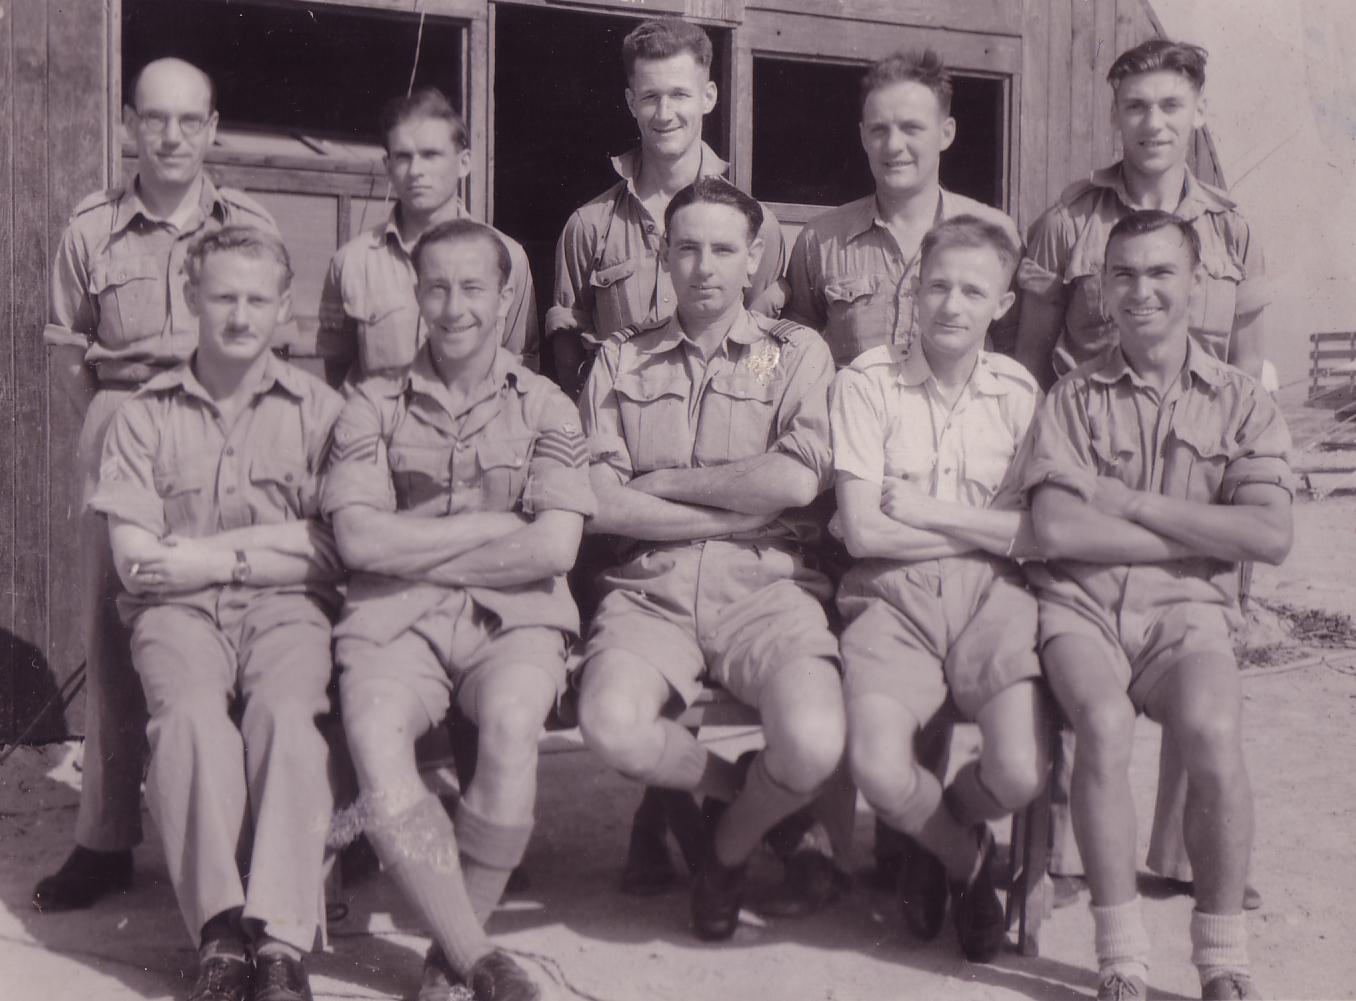 RAAF 19